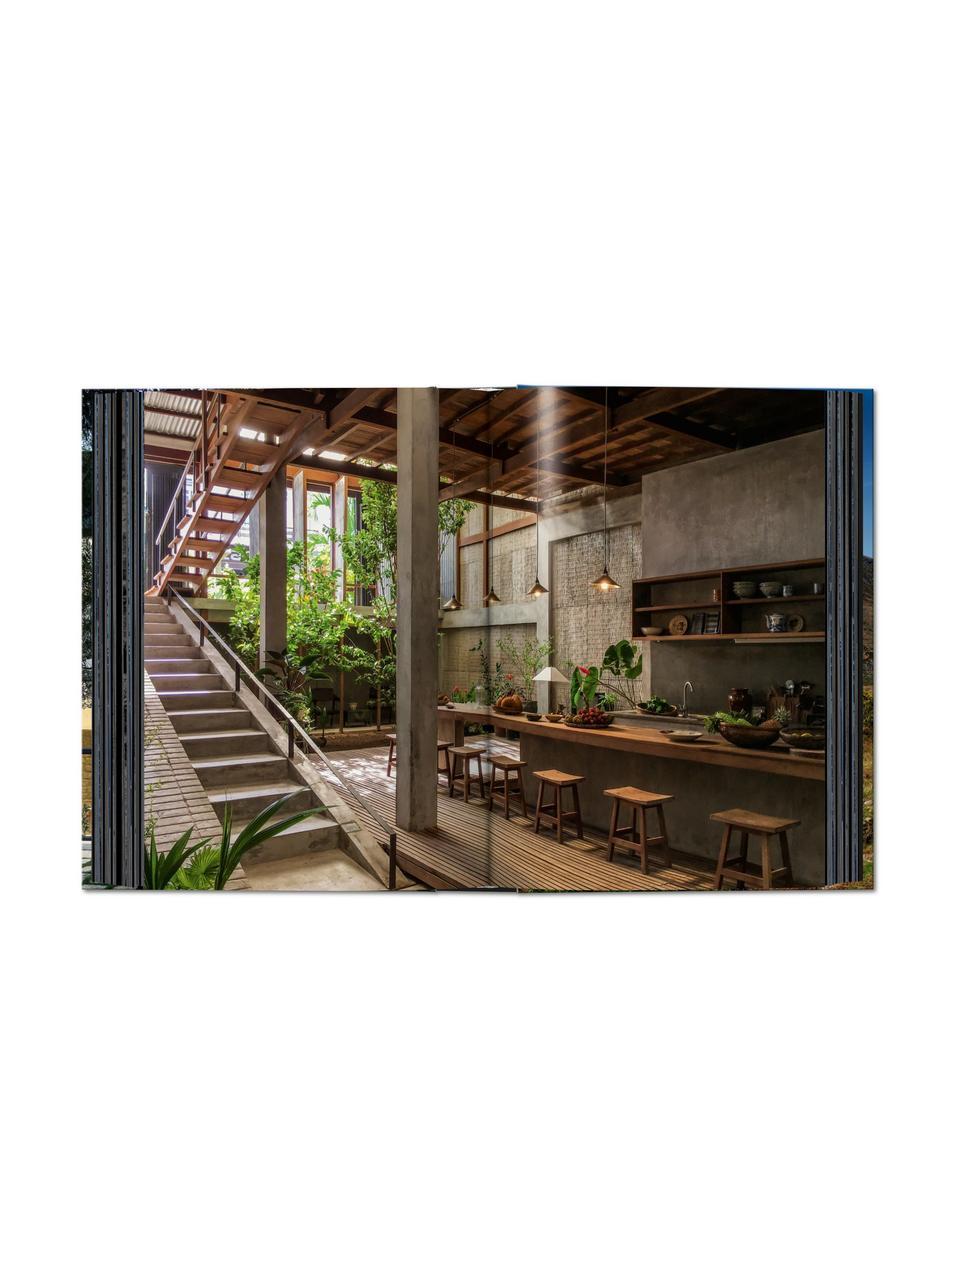 Libro illustrato Homes for our Time, Carta, copertina rigida, Verde, multicolore, Larg. 16 x Lung. 22 cm